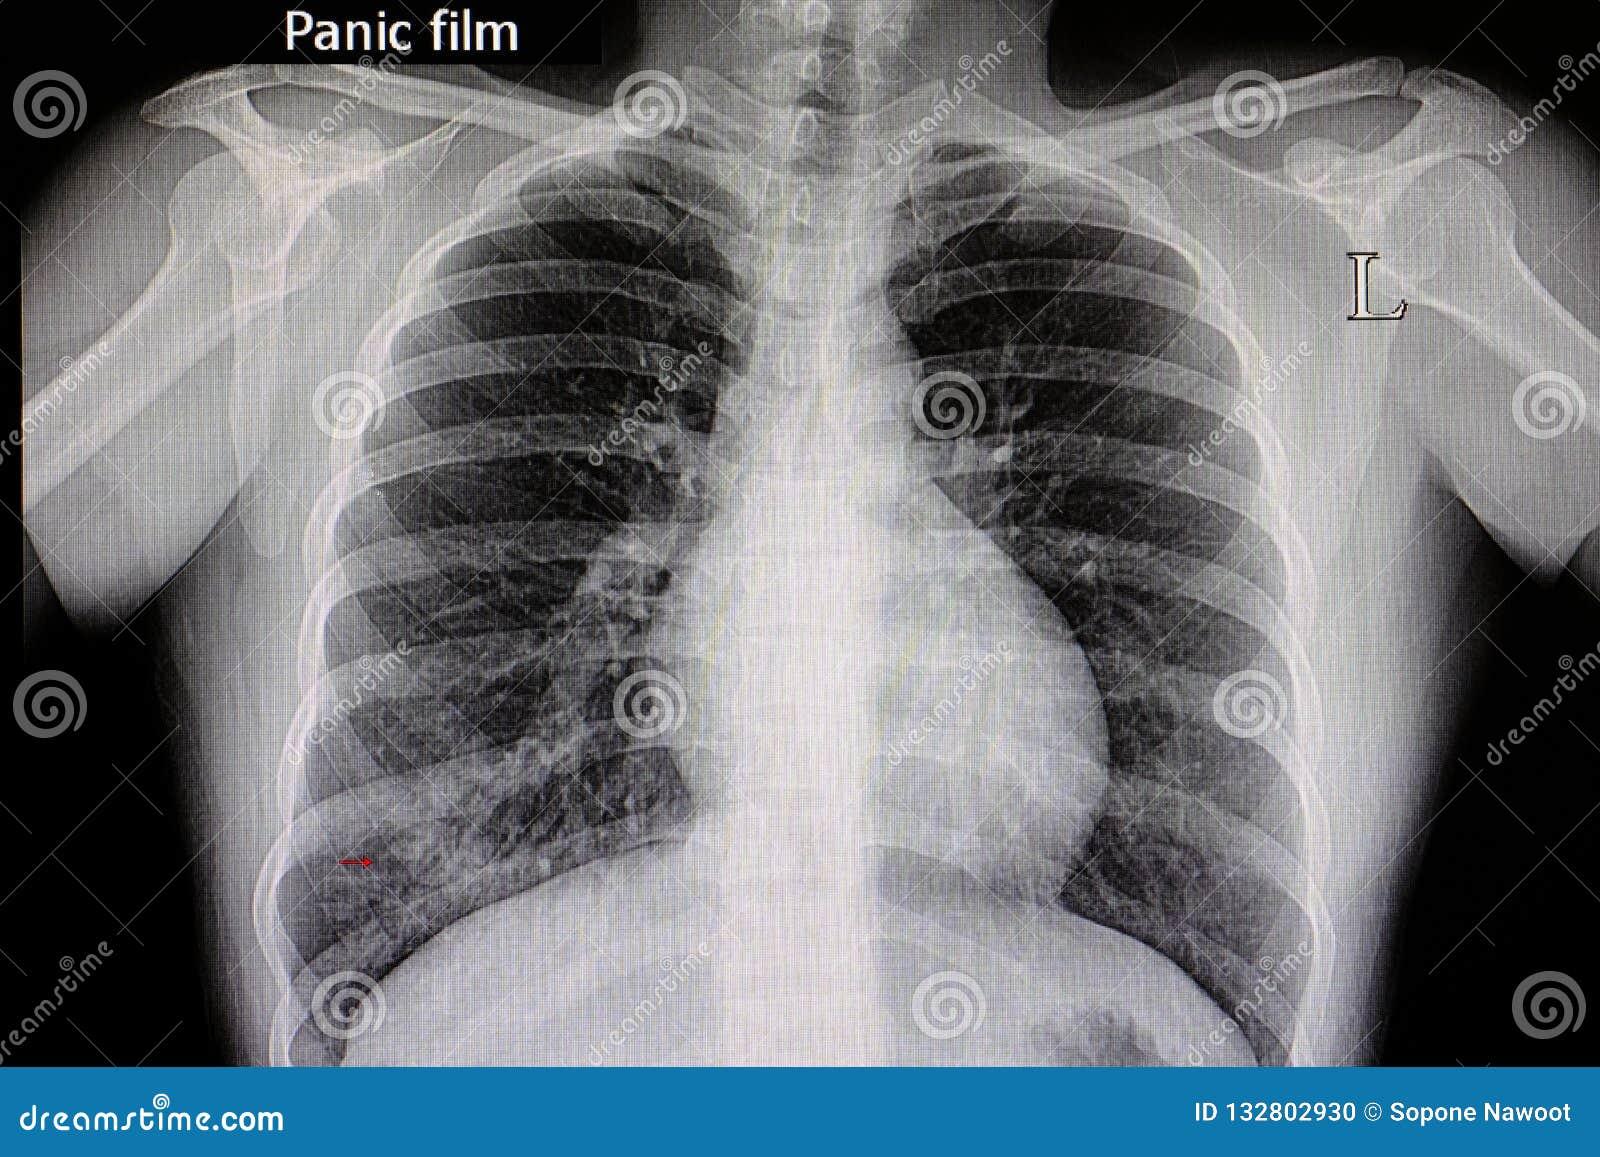 pneumonia chest film